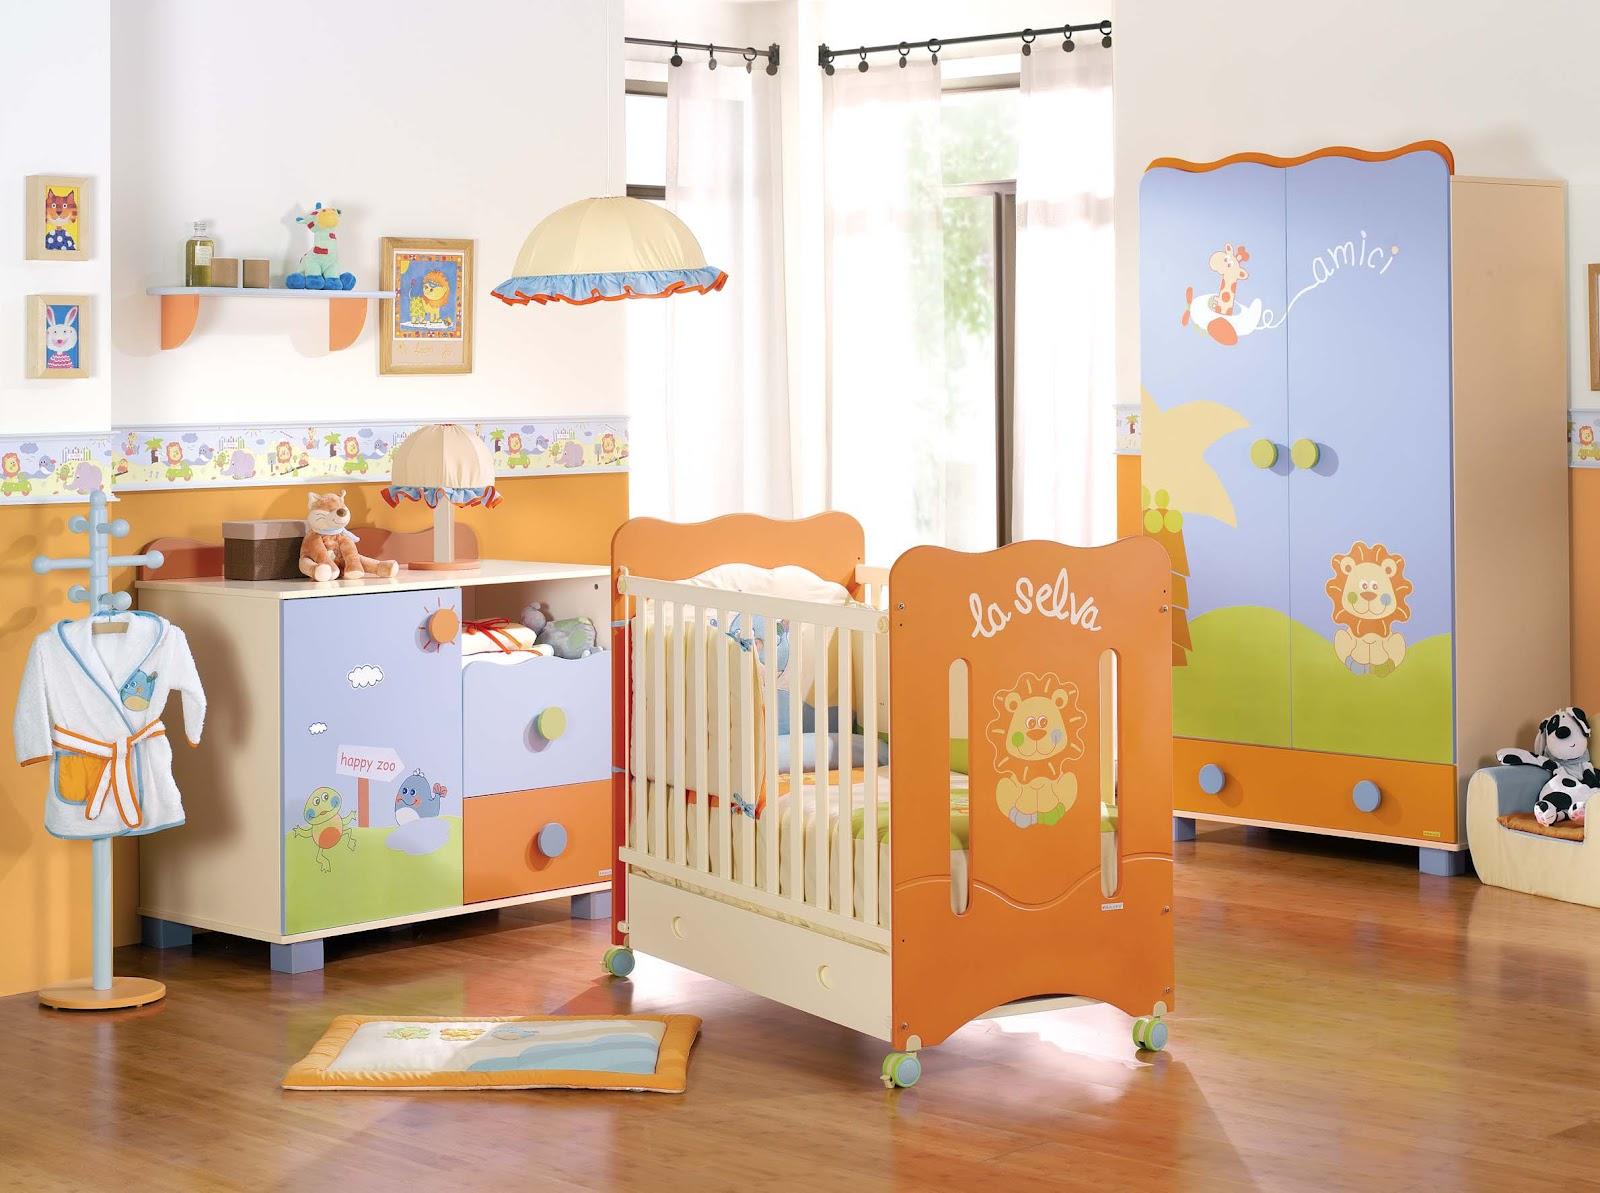 Arquivos Quarto De Beb Blog As Escolhidas ~ Decoração De Quarto Criativa E Decoração Quarto De Bebe